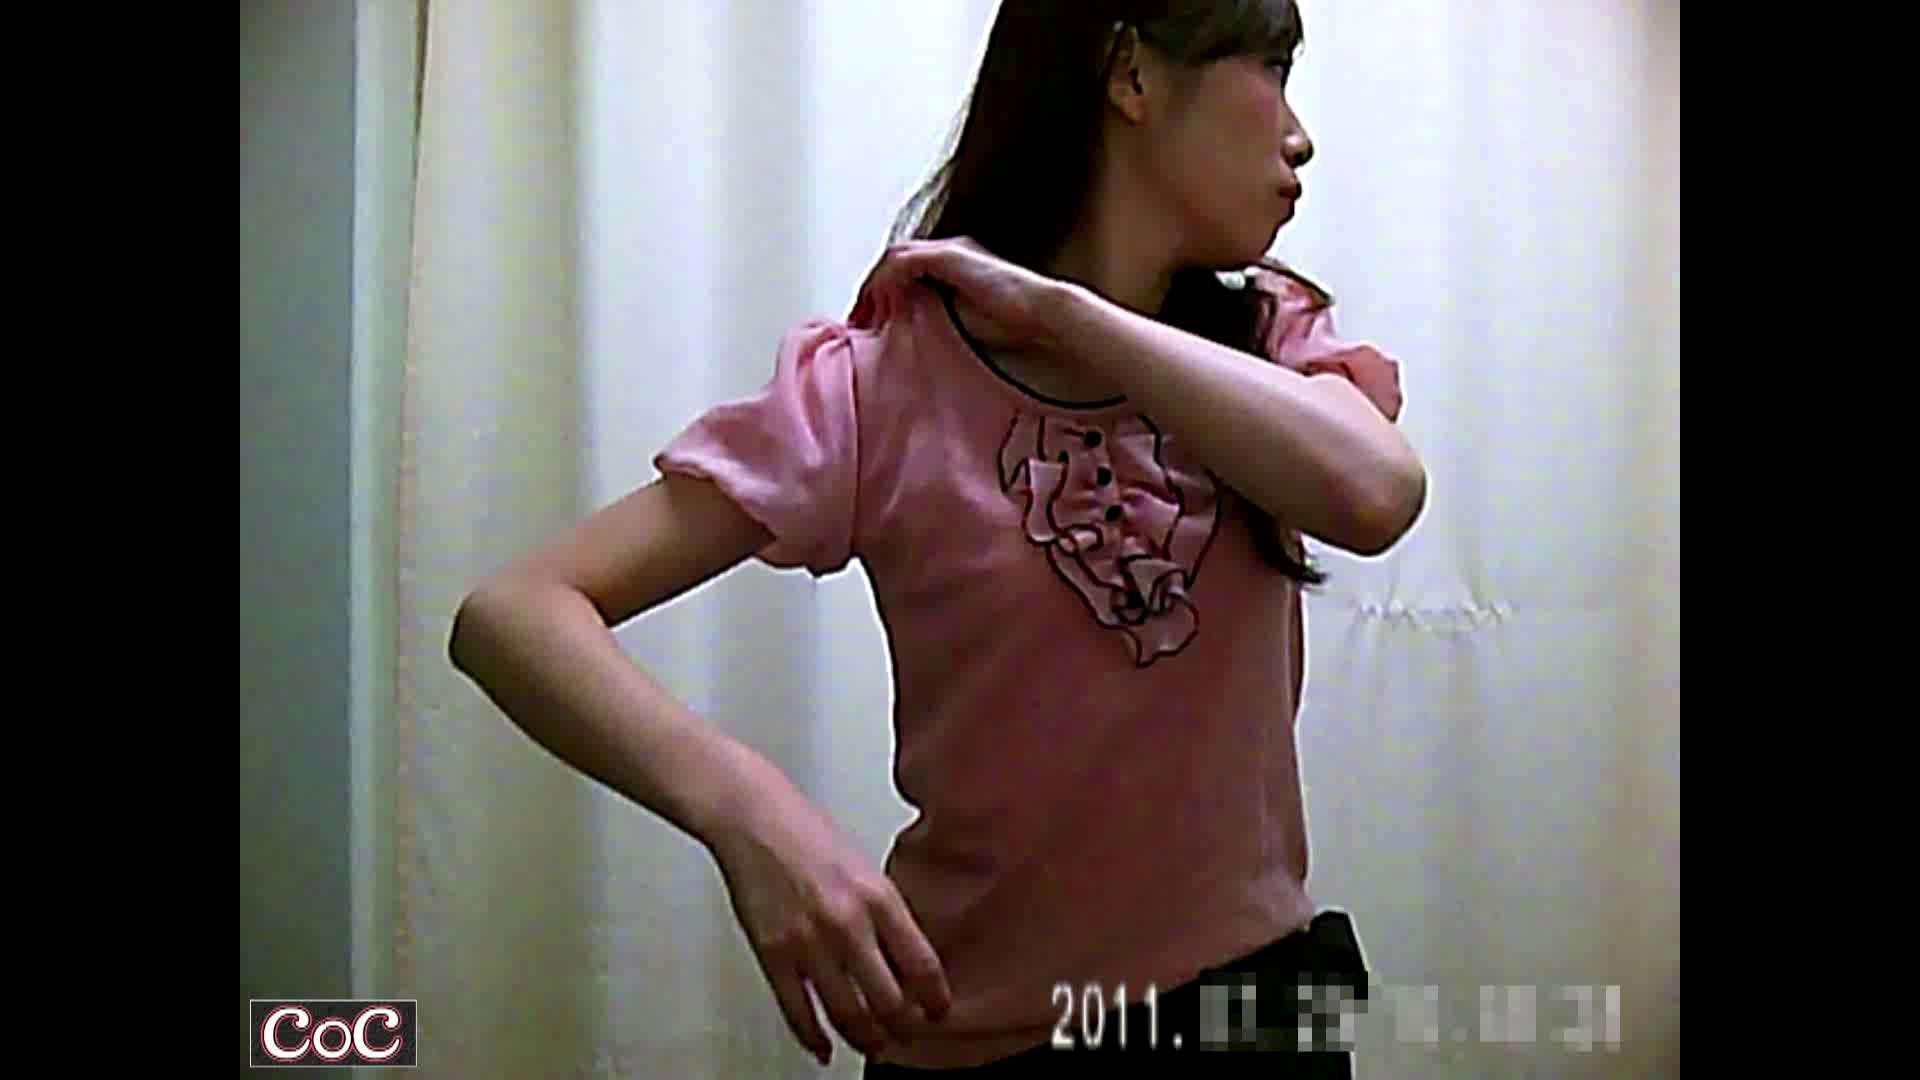 病院おもいっきり着替え! vol.05 独身エッチOL   綺麗なおっぱい  35pic 12